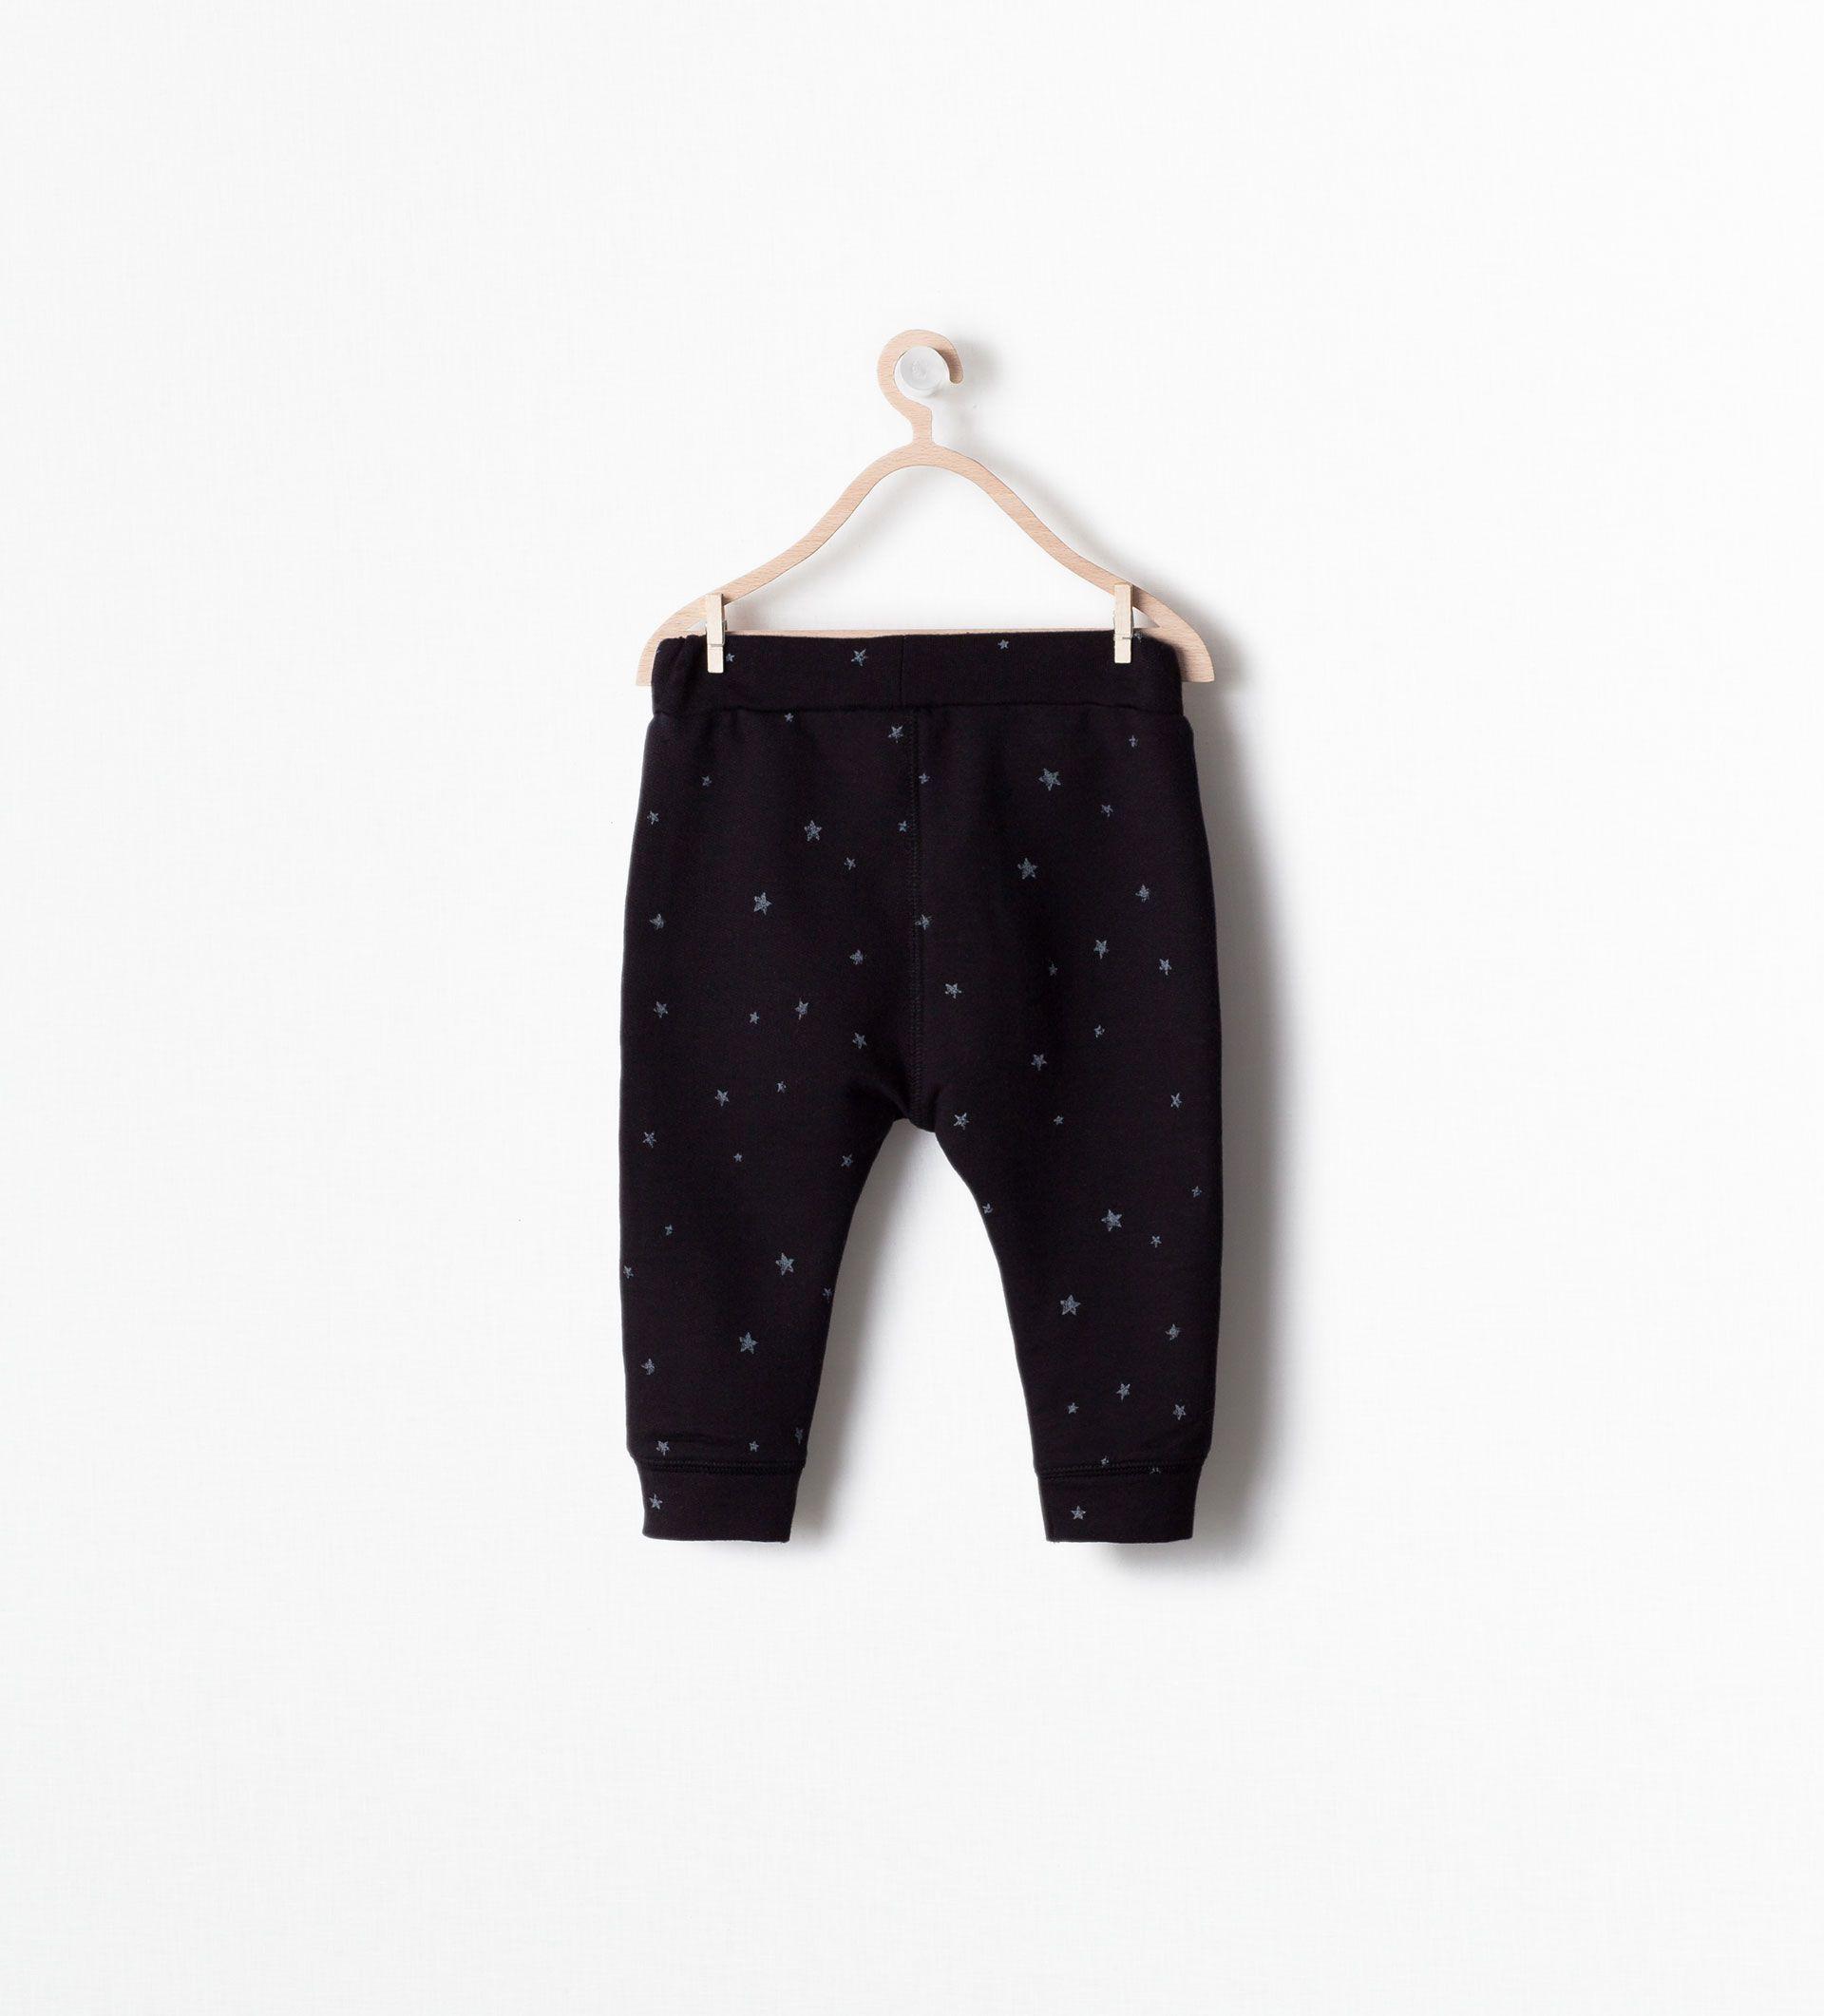 84ef26e3 HOSE MIT STERNENMUSTER von Zara | littlewear | Kids fashion, Kids ...